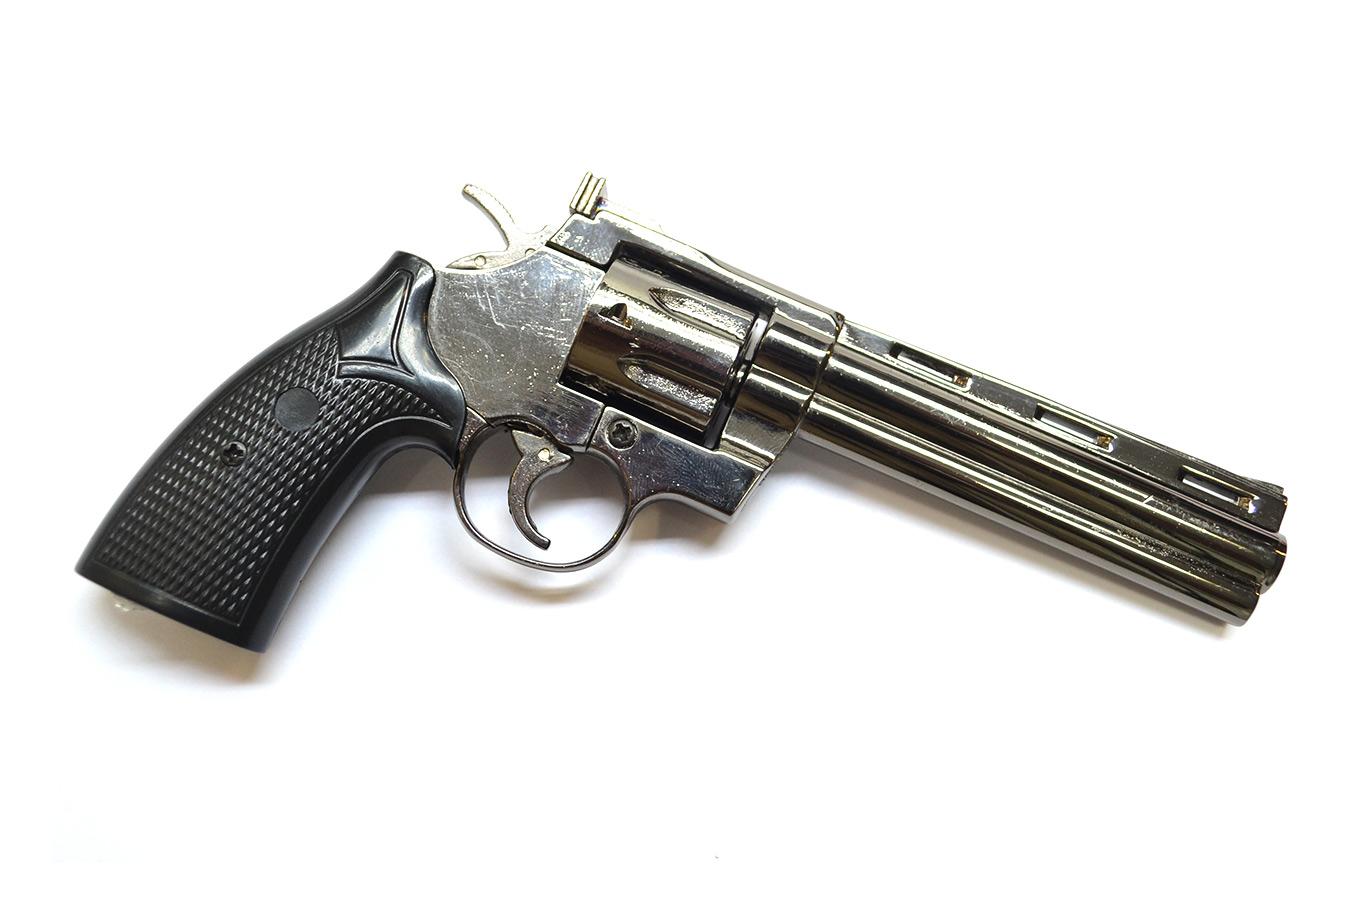 Colt Python с 152 мм стволом изображение 0